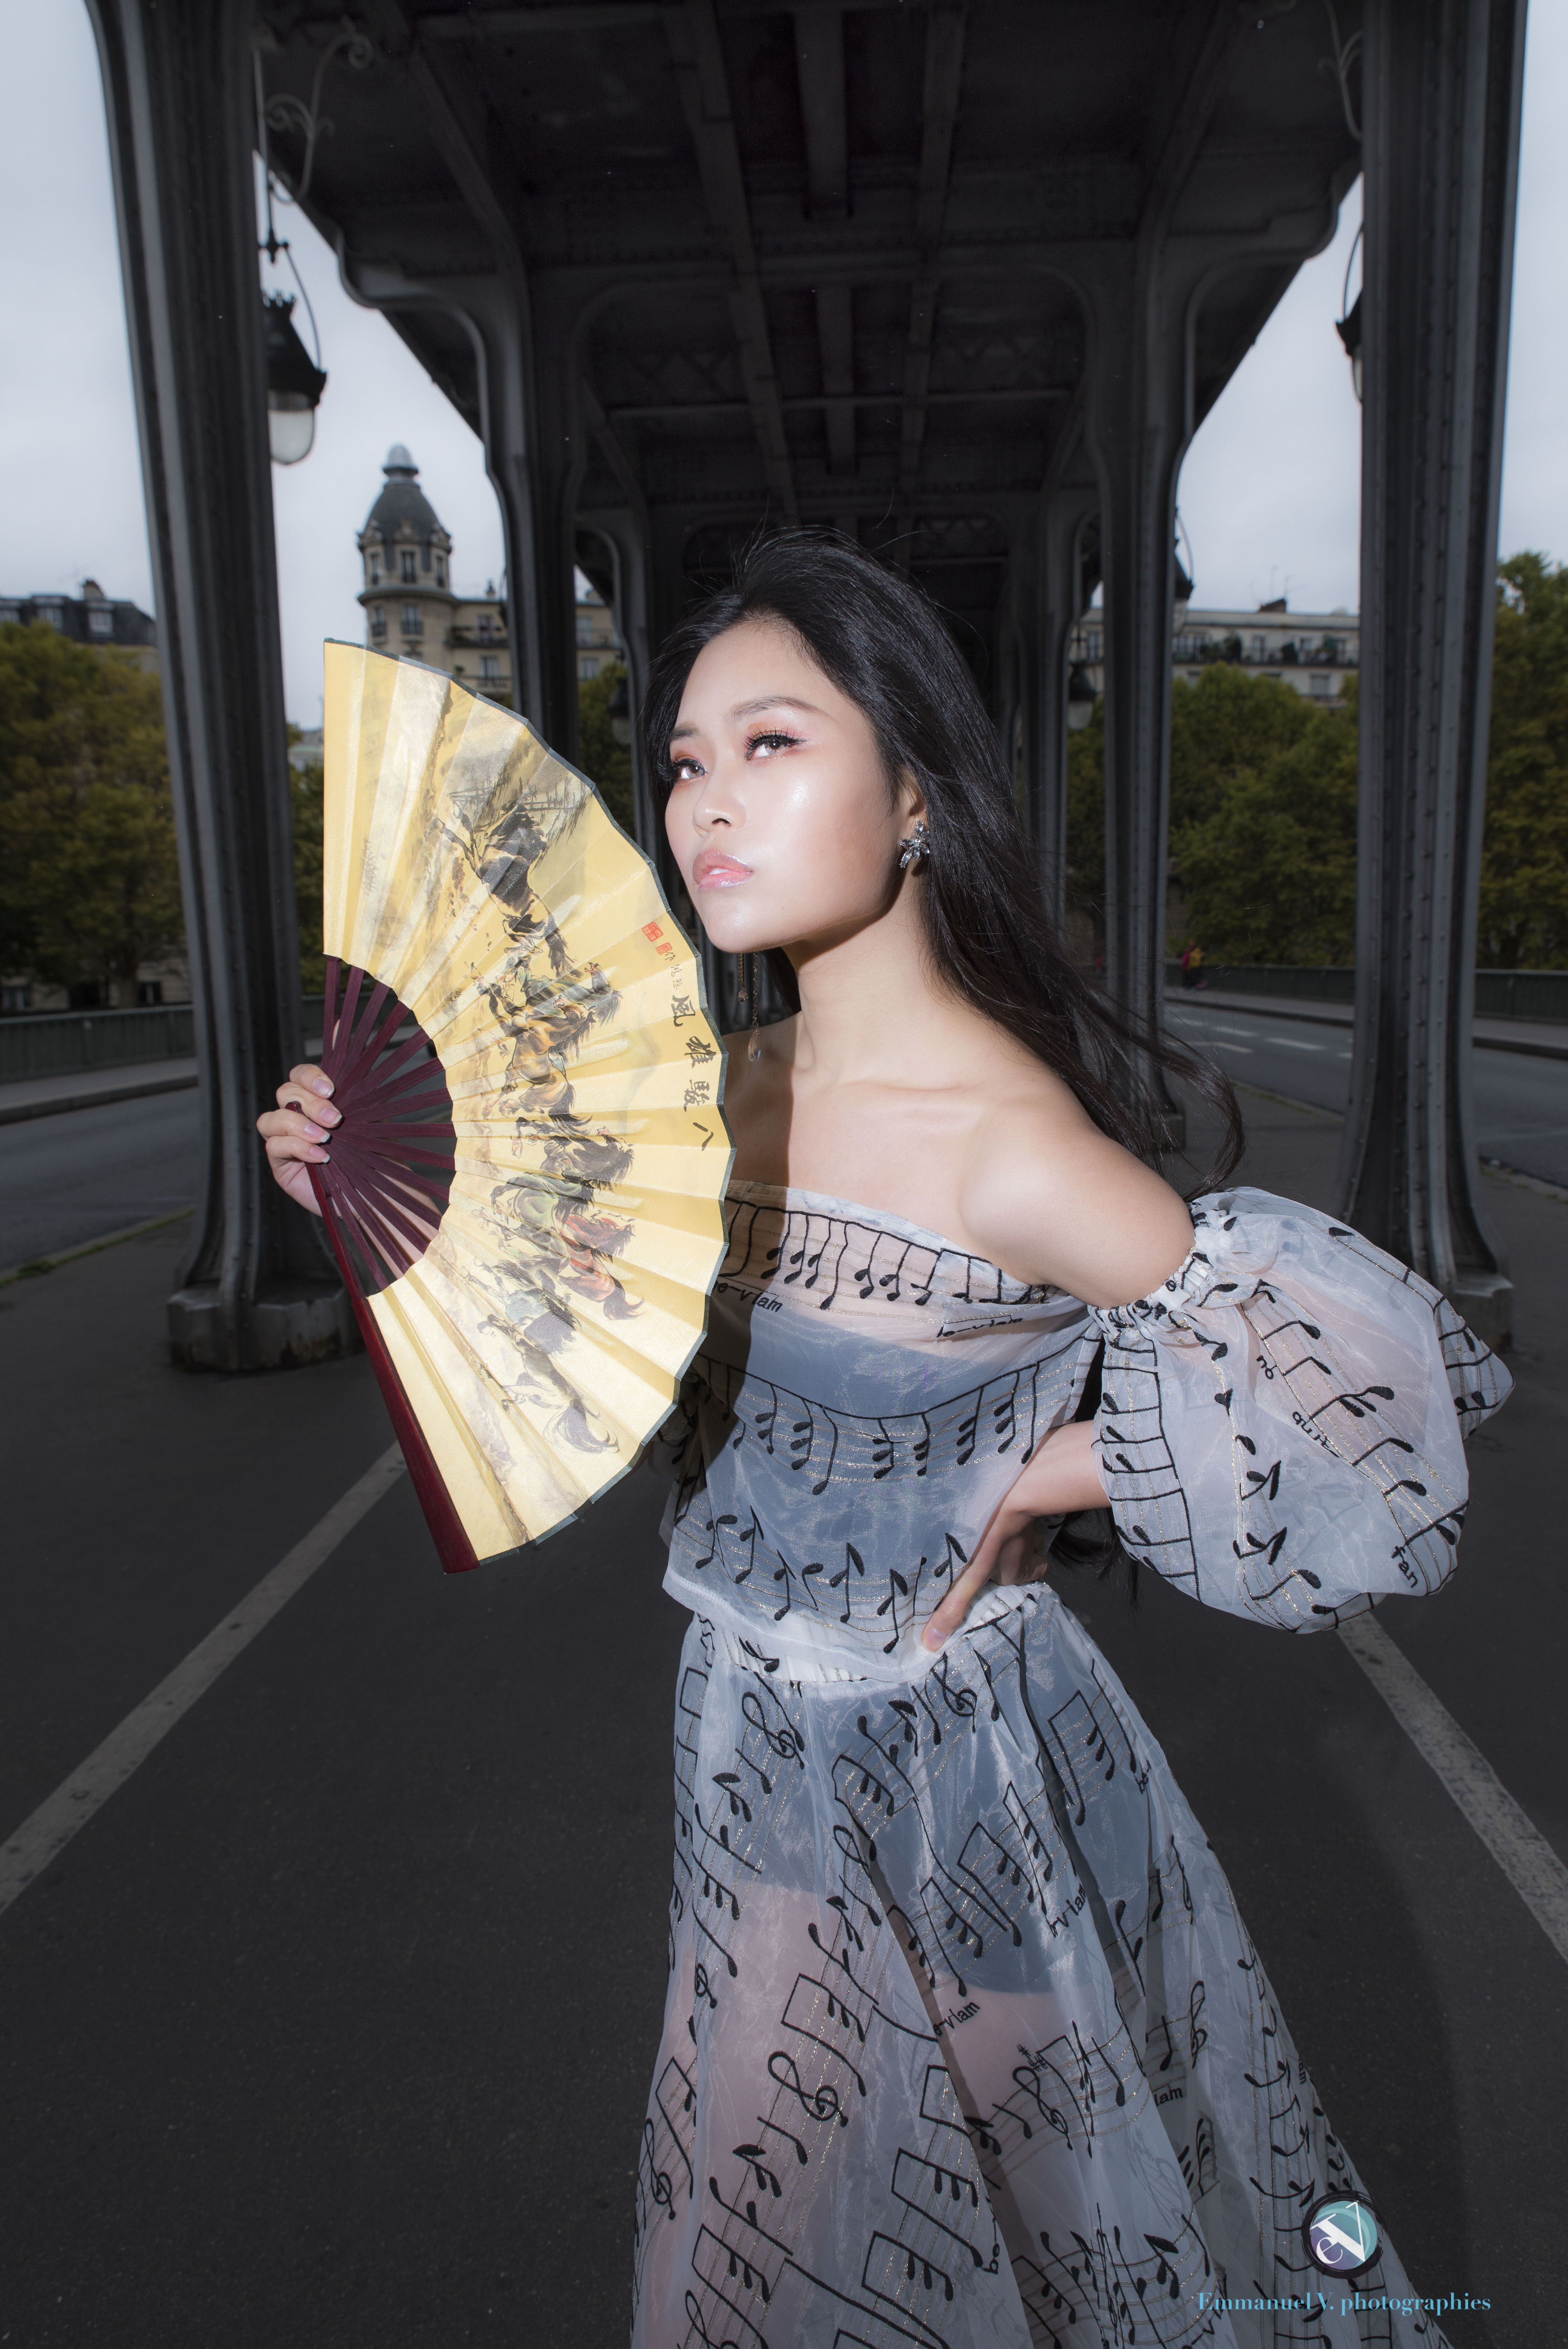 Anqi Zhu